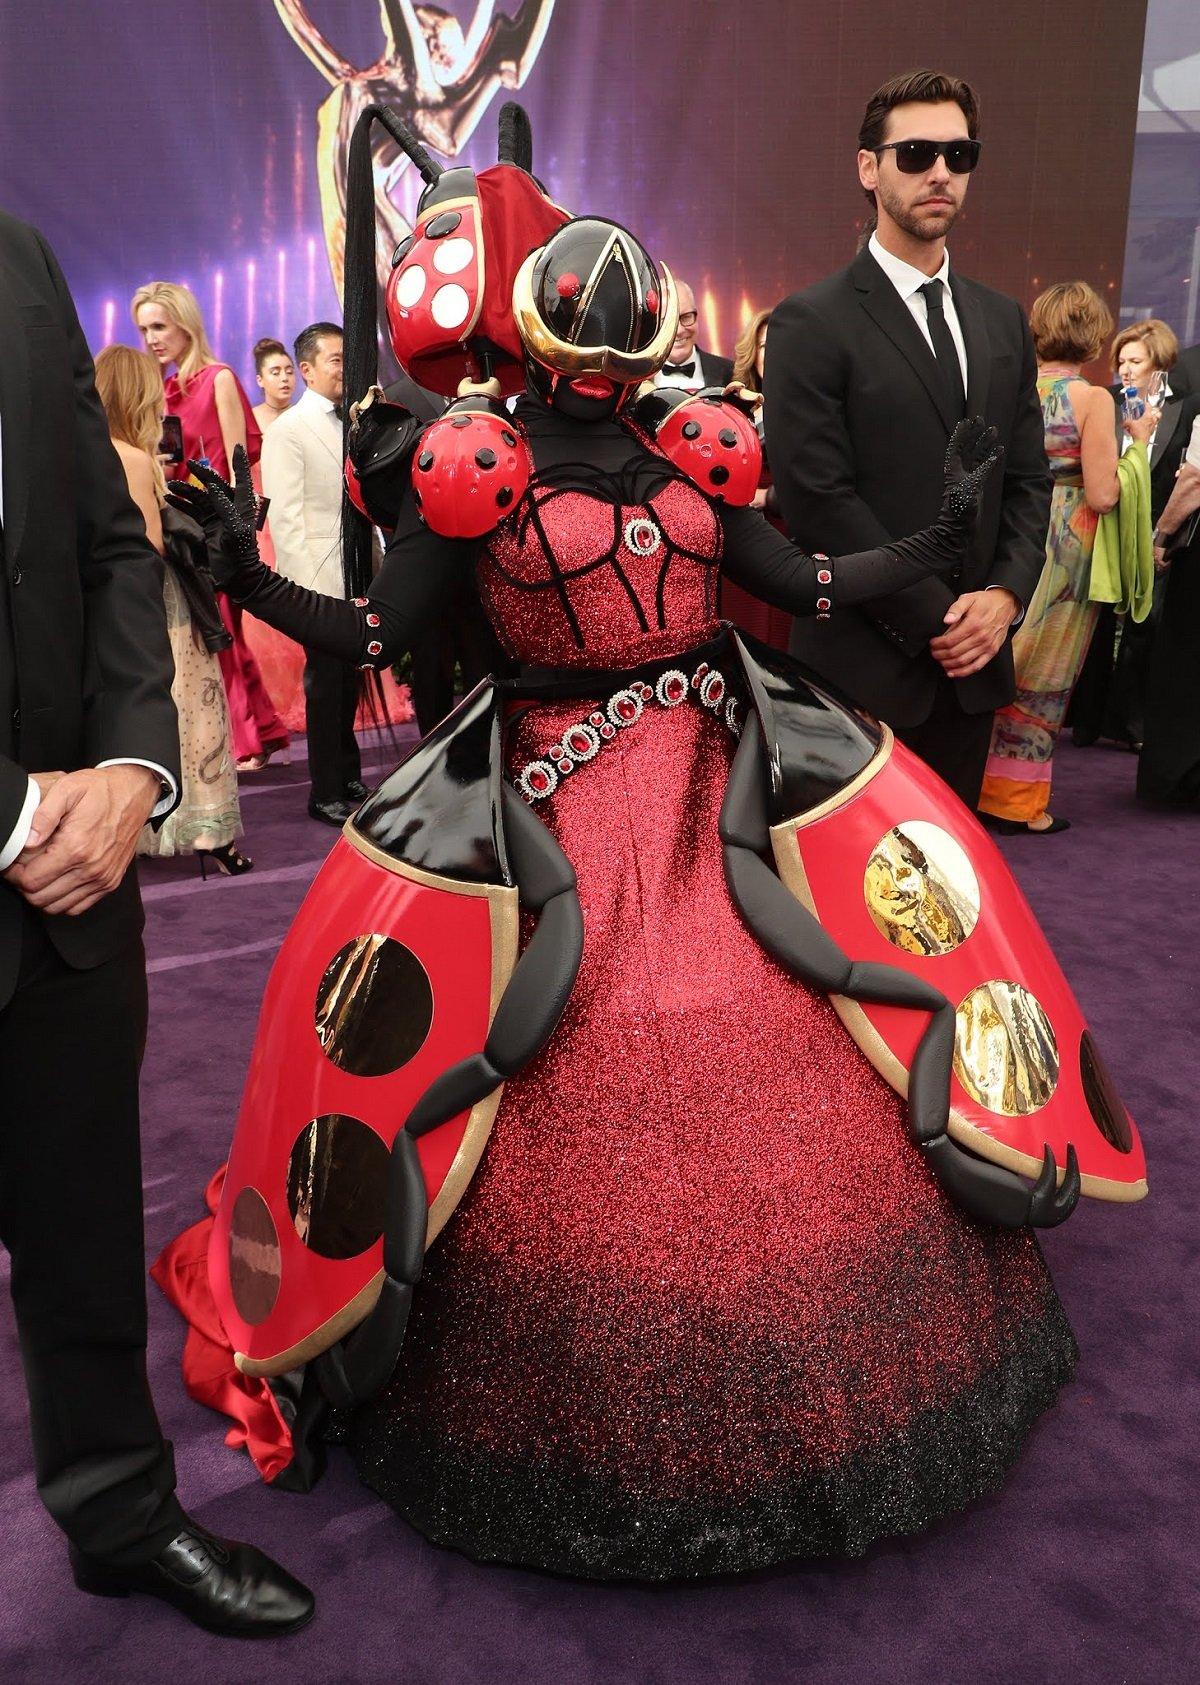 The Ladybug The Masked Singer